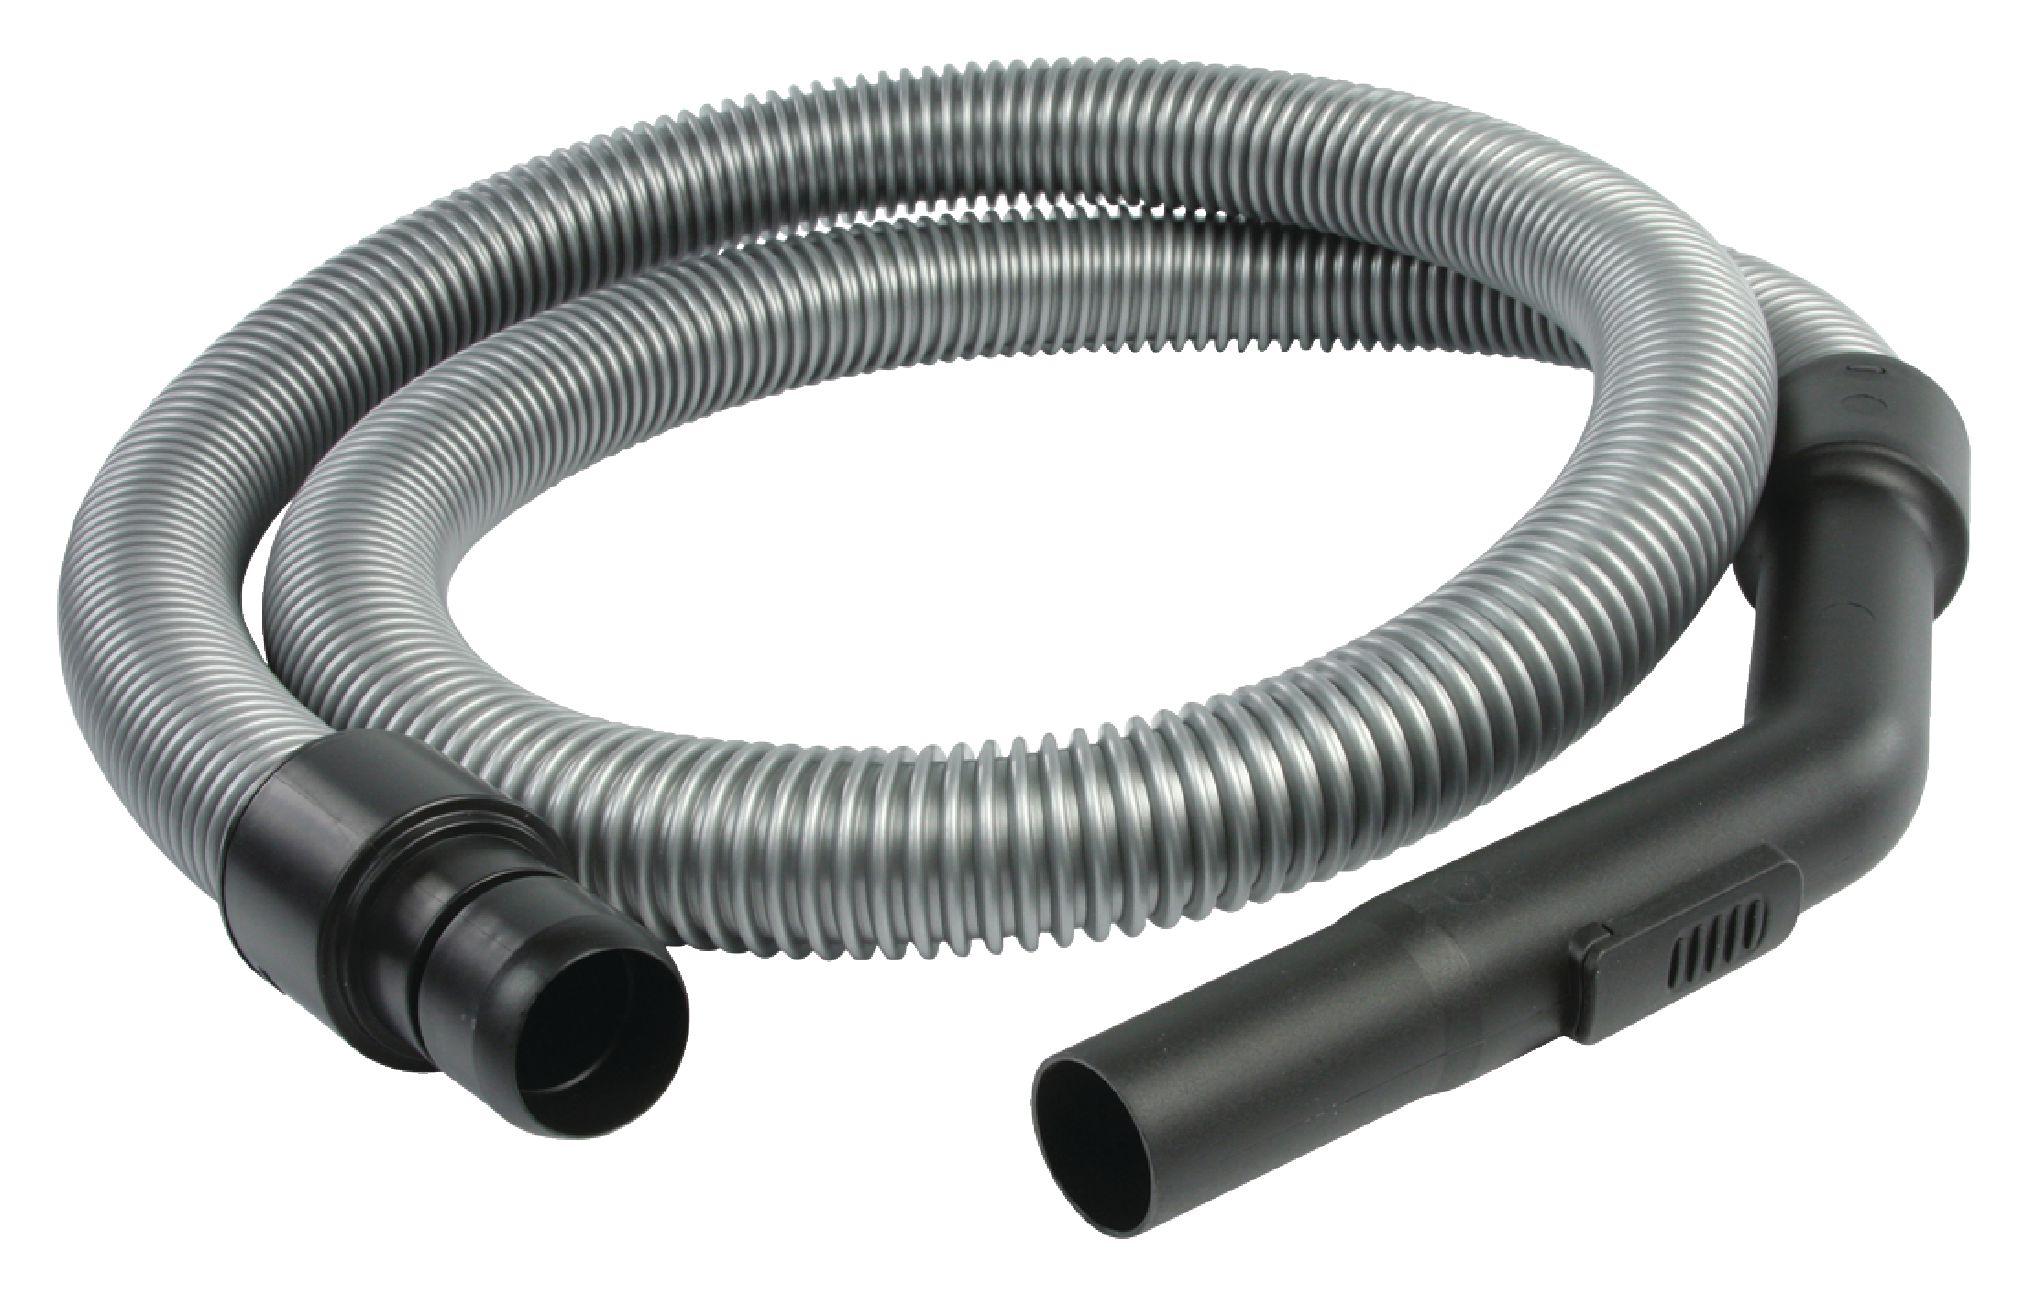 Vacuum cleaner hoses